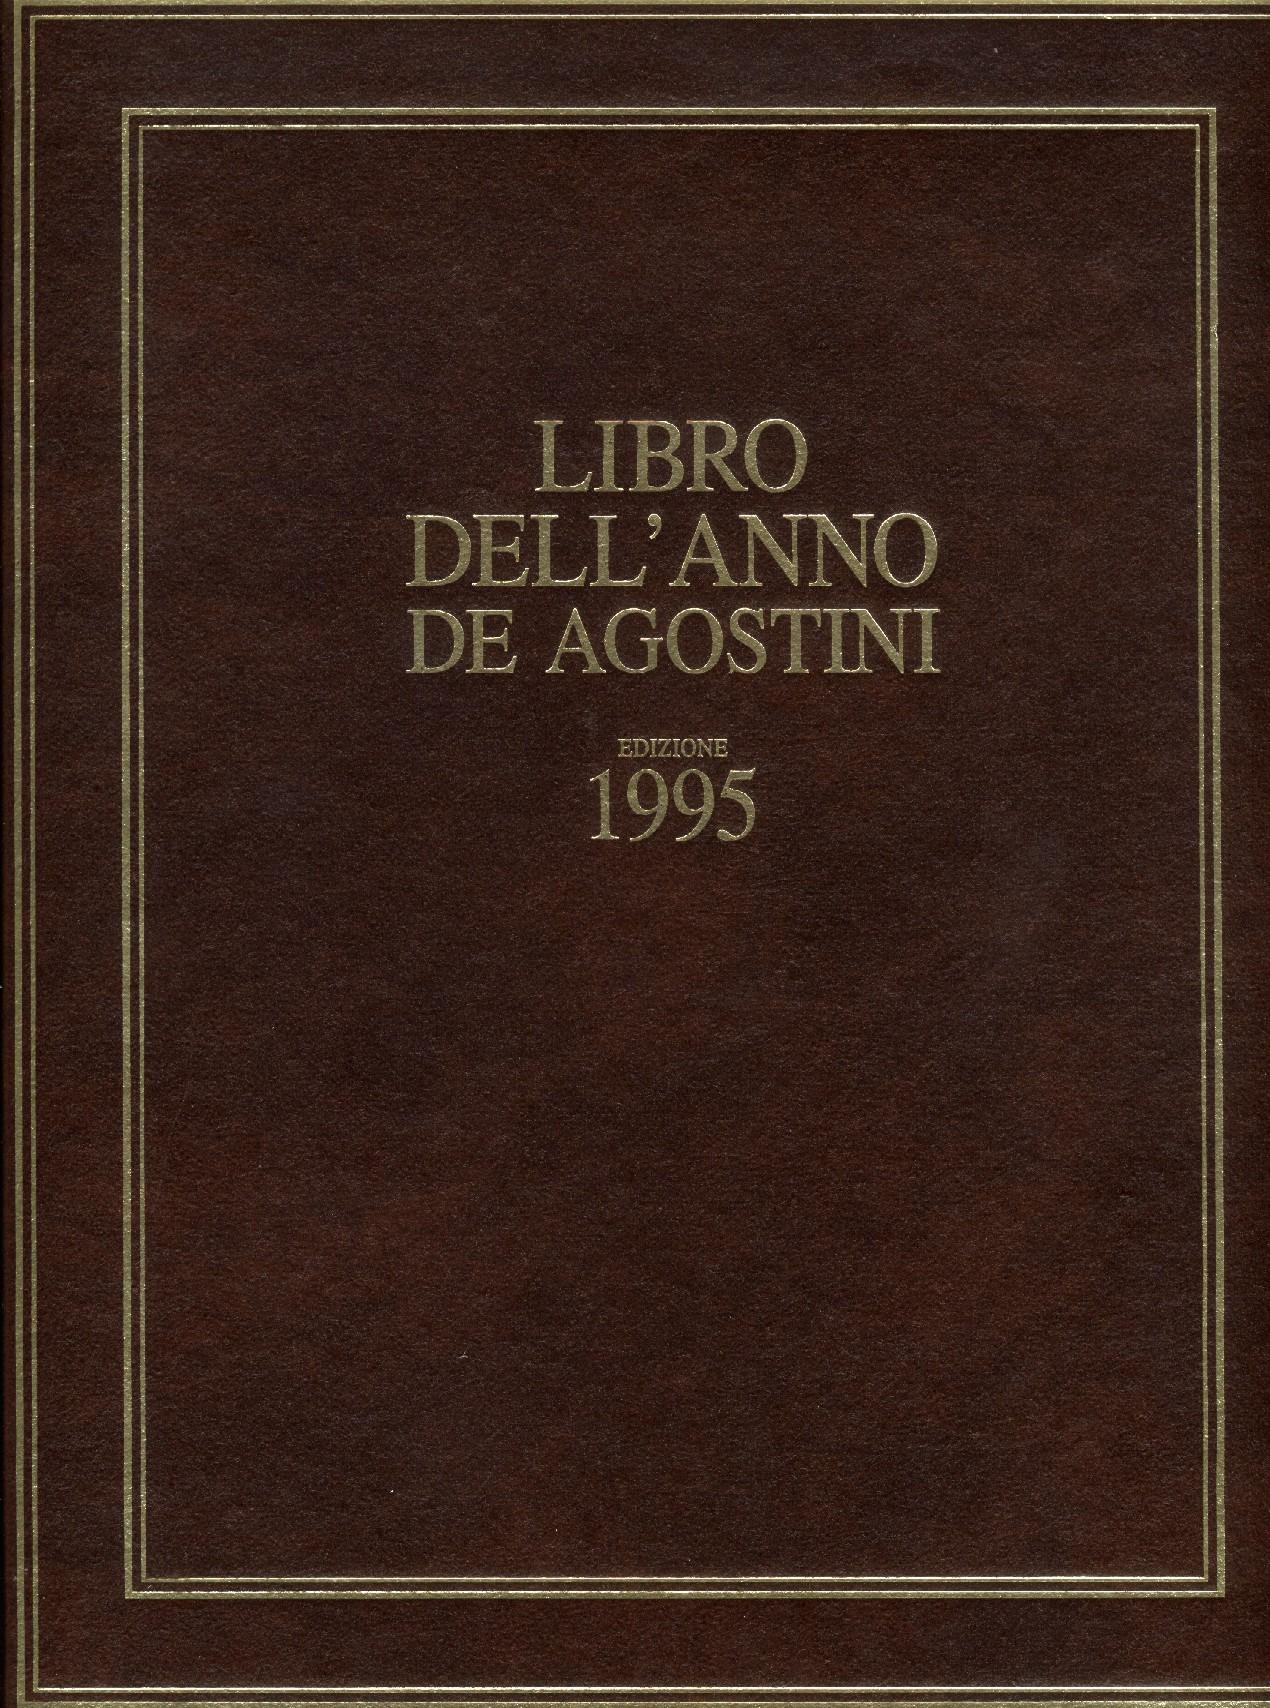 Libro dell'anno De Agostini Edizione 1995